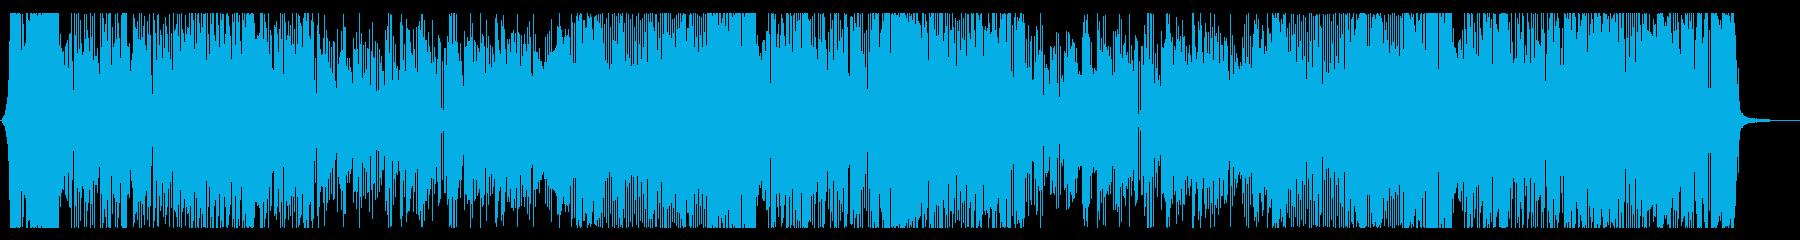 熱くかっこいいジャズ系ファンクの再生済みの波形